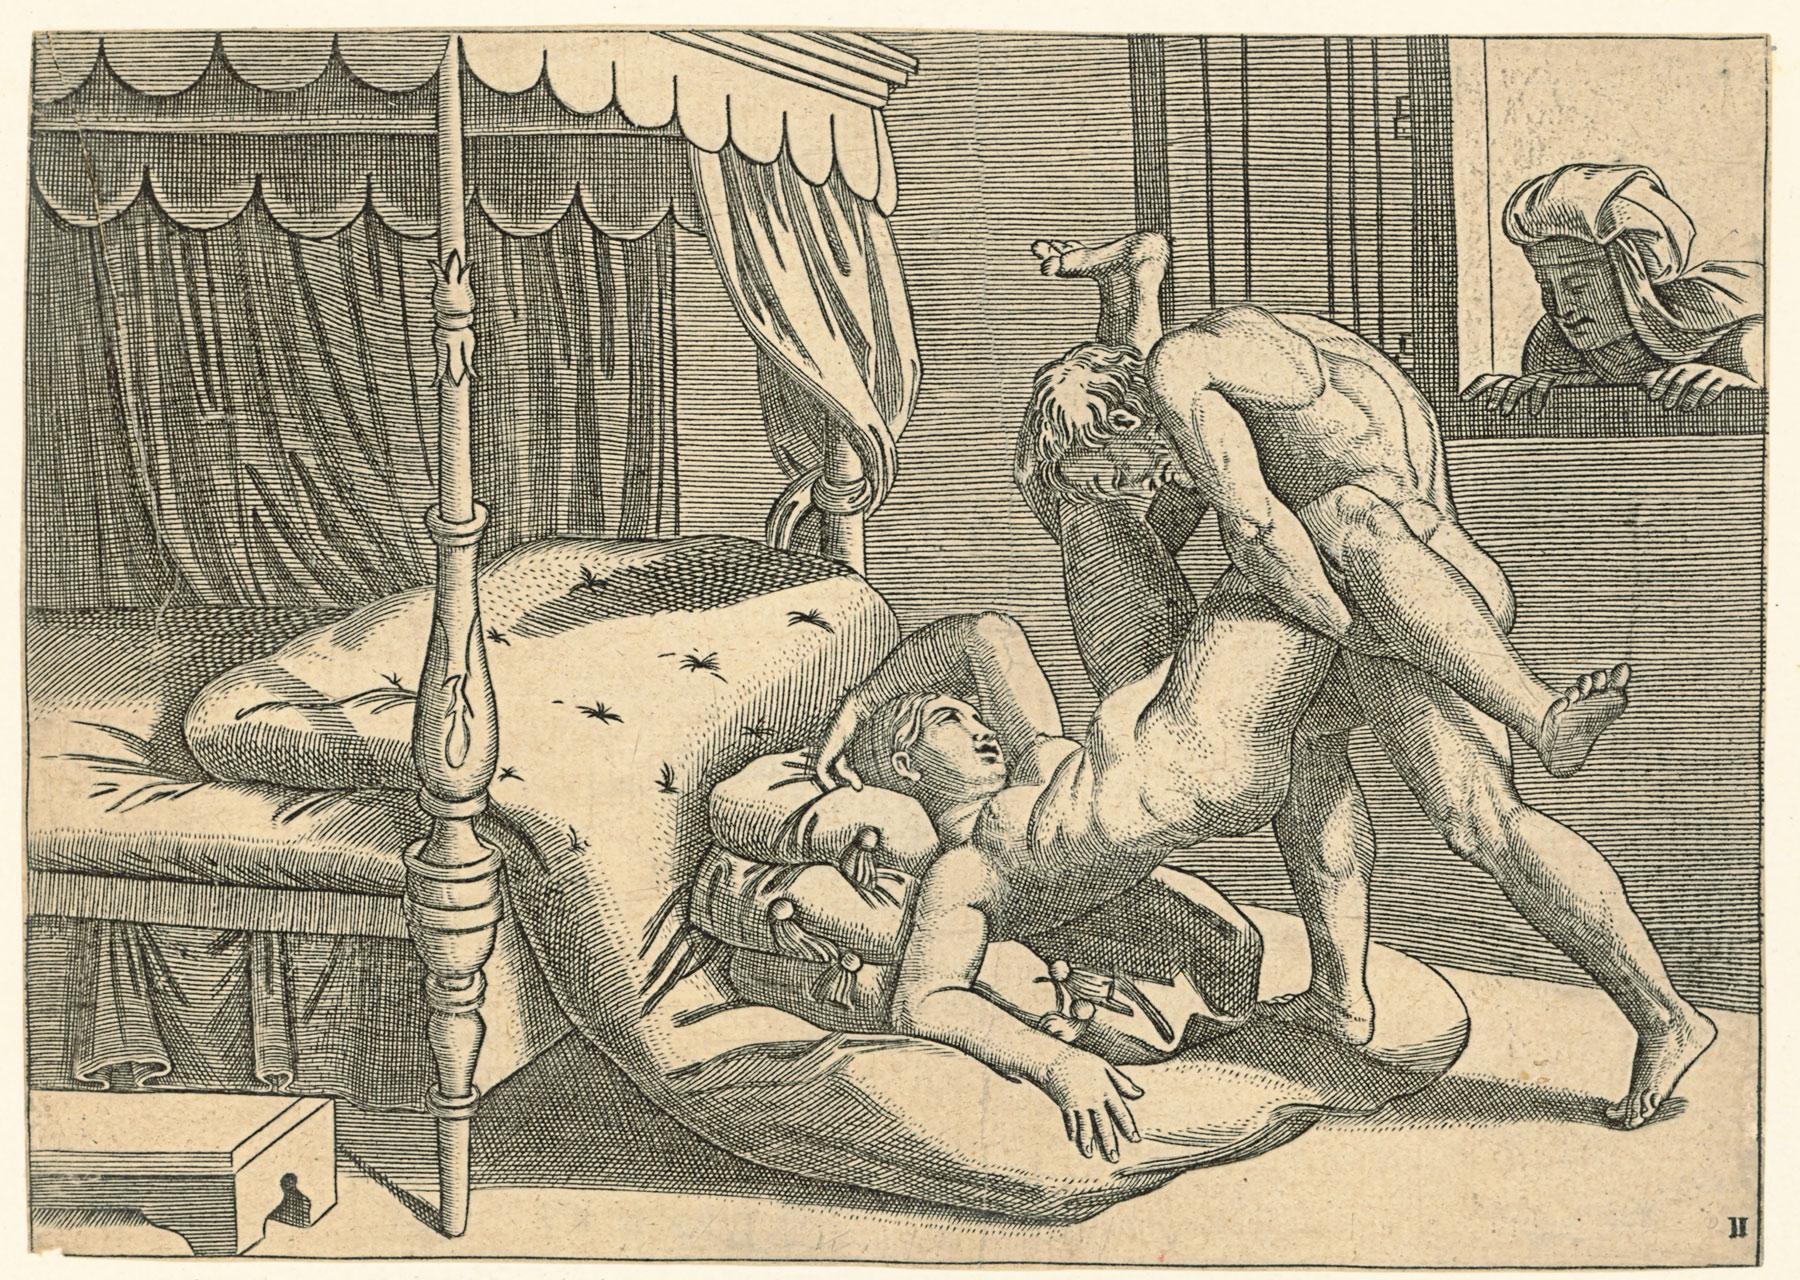 """Copia (speculare) da Marcantonio Raimondi (1480-1534 circa) dalla posizione 9 de I Modi, numerata """"II"""" (1530-1540; incisione a bulino, 134 x 188 mm; Vienna, Albertina)"""